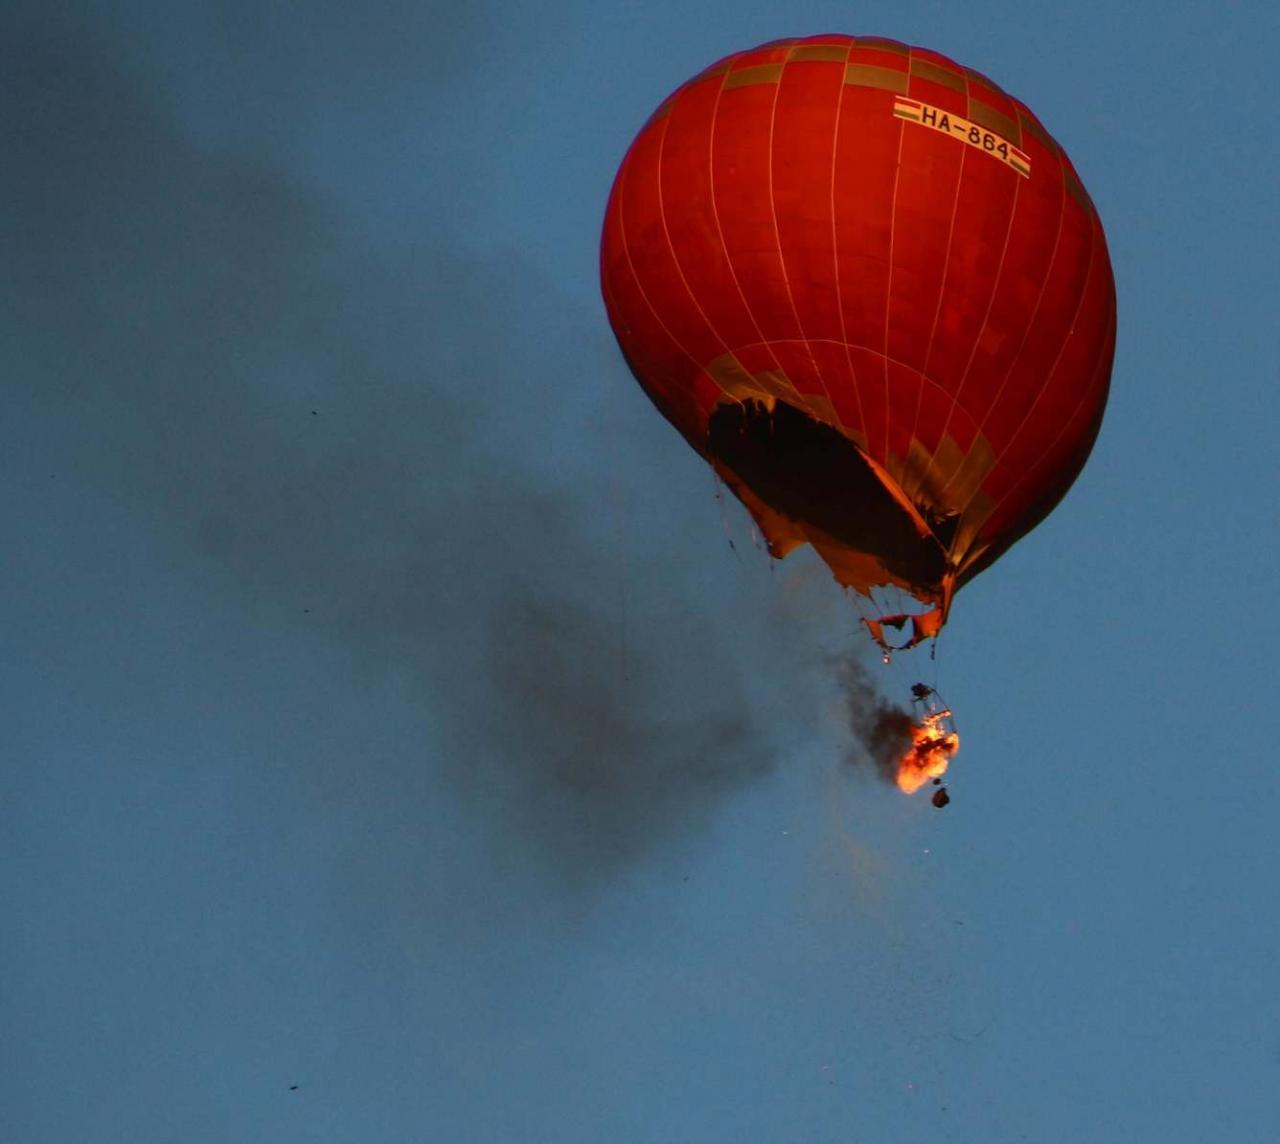 Пожар на воздушном шаре